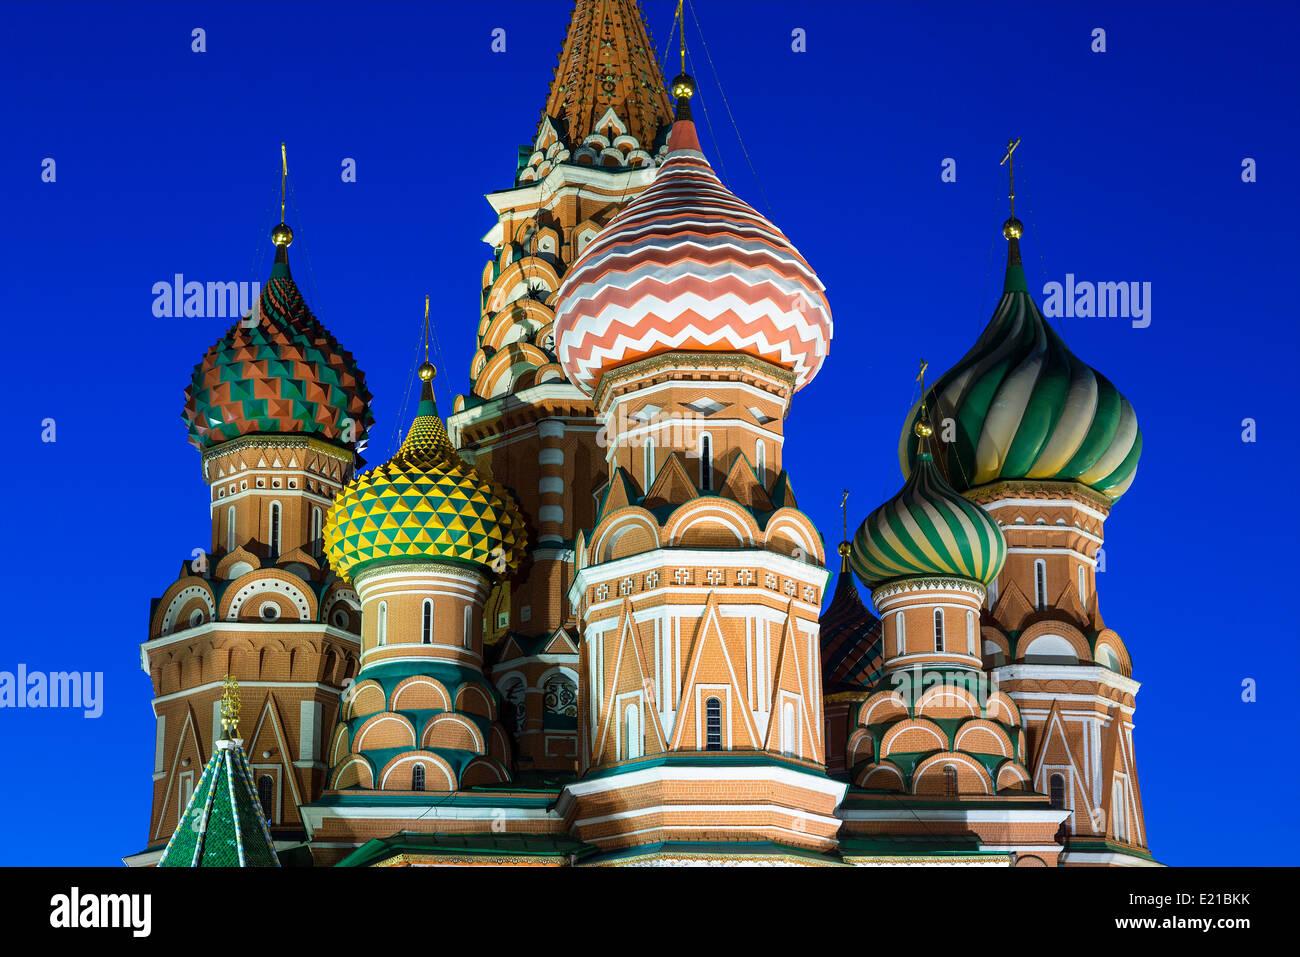 La Russia Cattedrale di San Basilio a Mosca al crepuscolo Immagini Stock